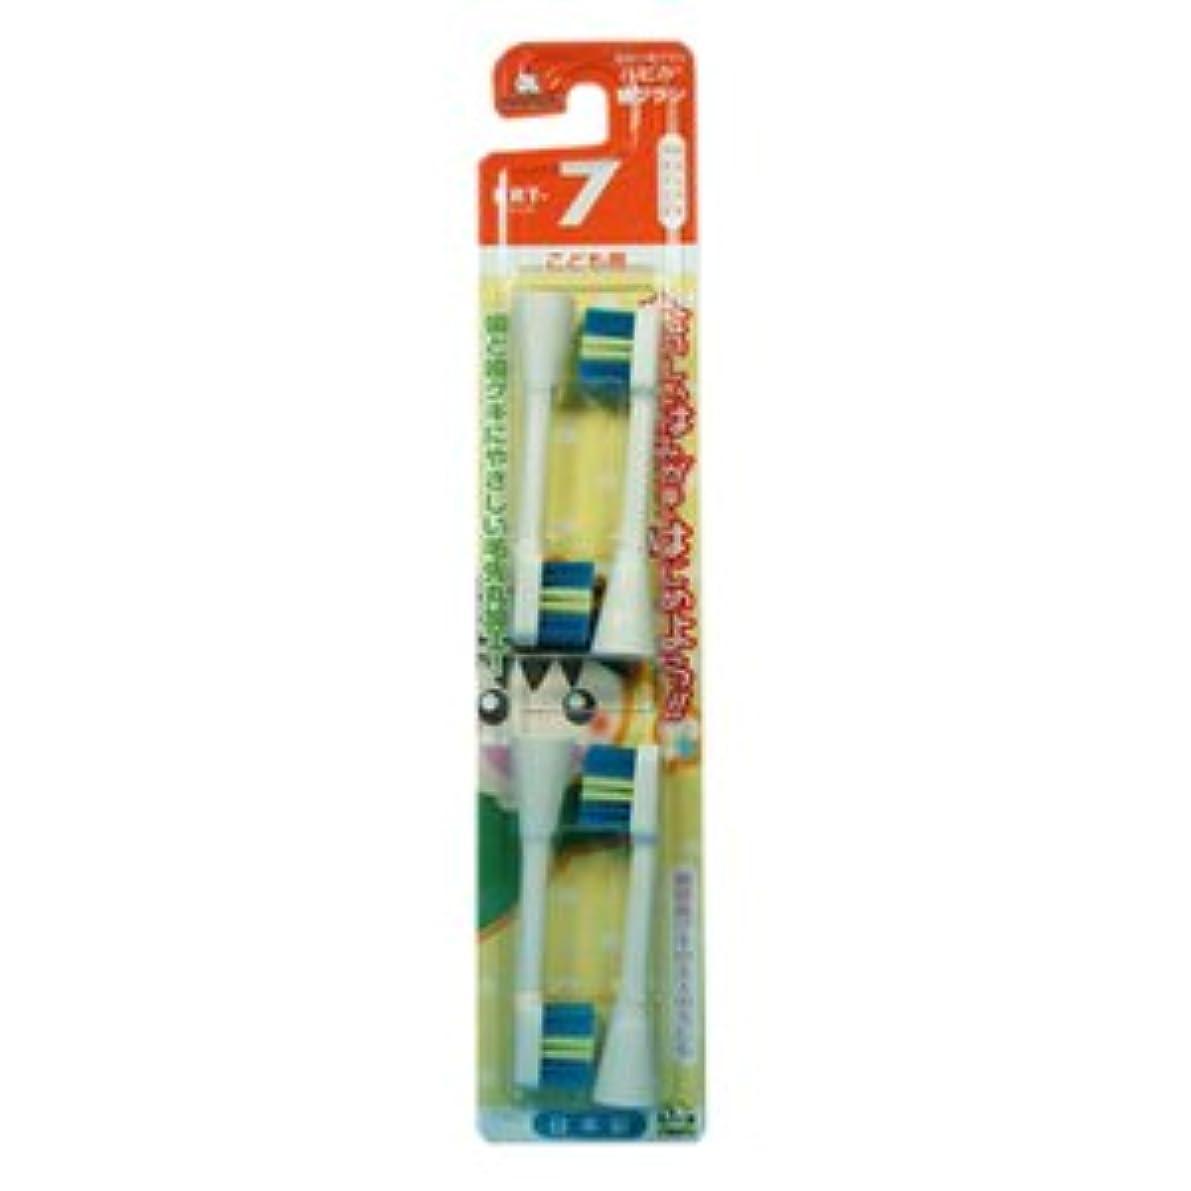 以下ジャムクライストチャーチミニマム 電動付歯ブラシ ハピカ 専用替ブラシ こども用 毛の硬さ:やわらかめ BRT-7 4個入